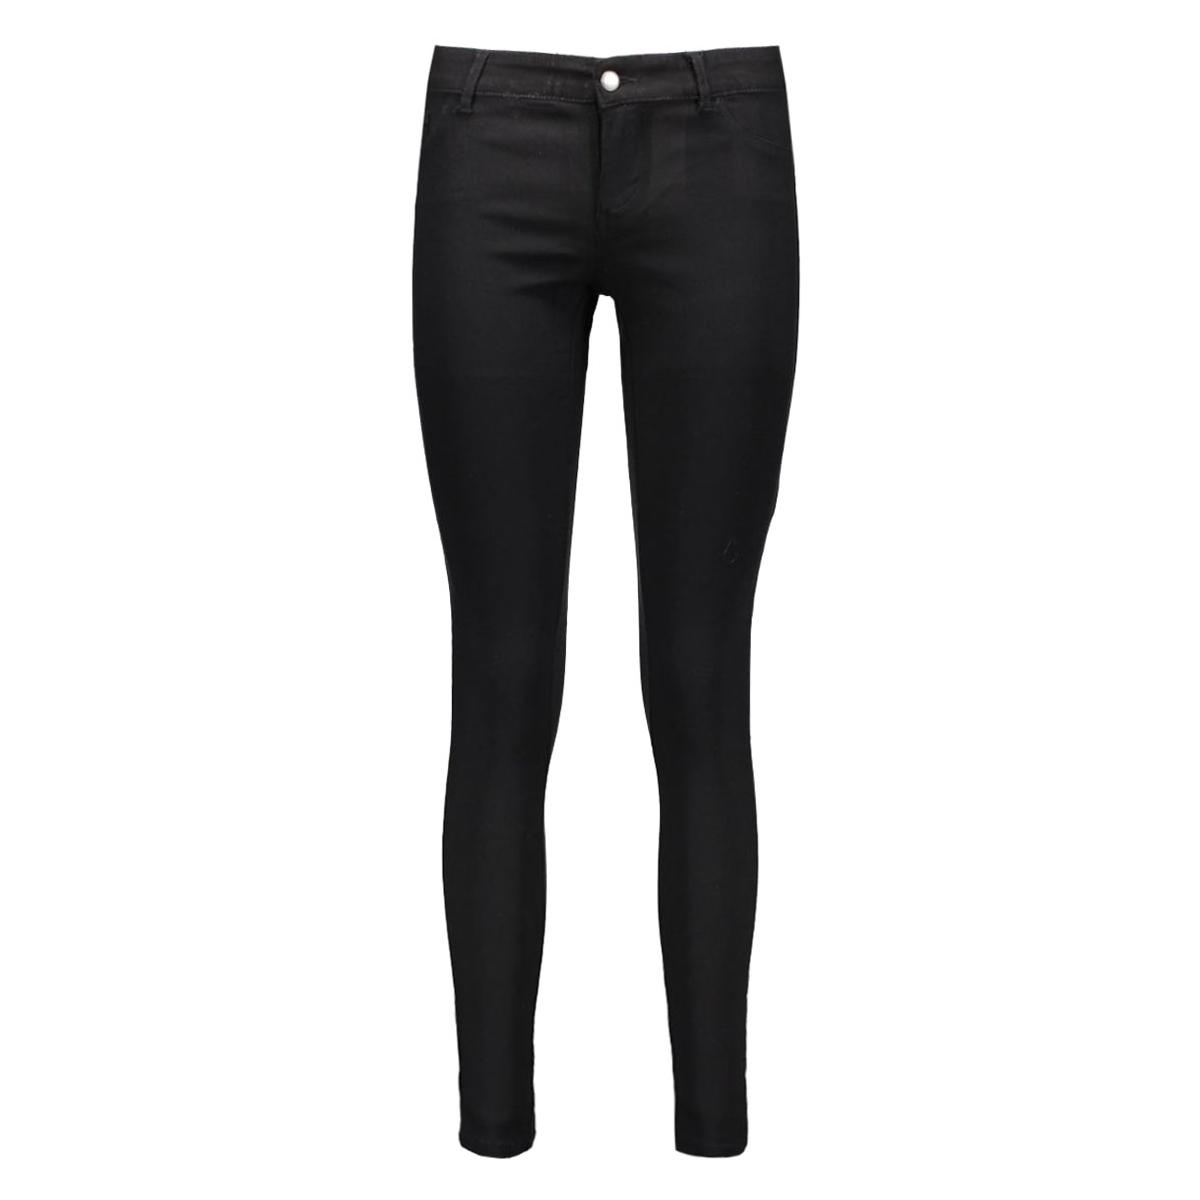 jdyskinny thunder leggings wvn 15121392 jacqueline de yong legging black